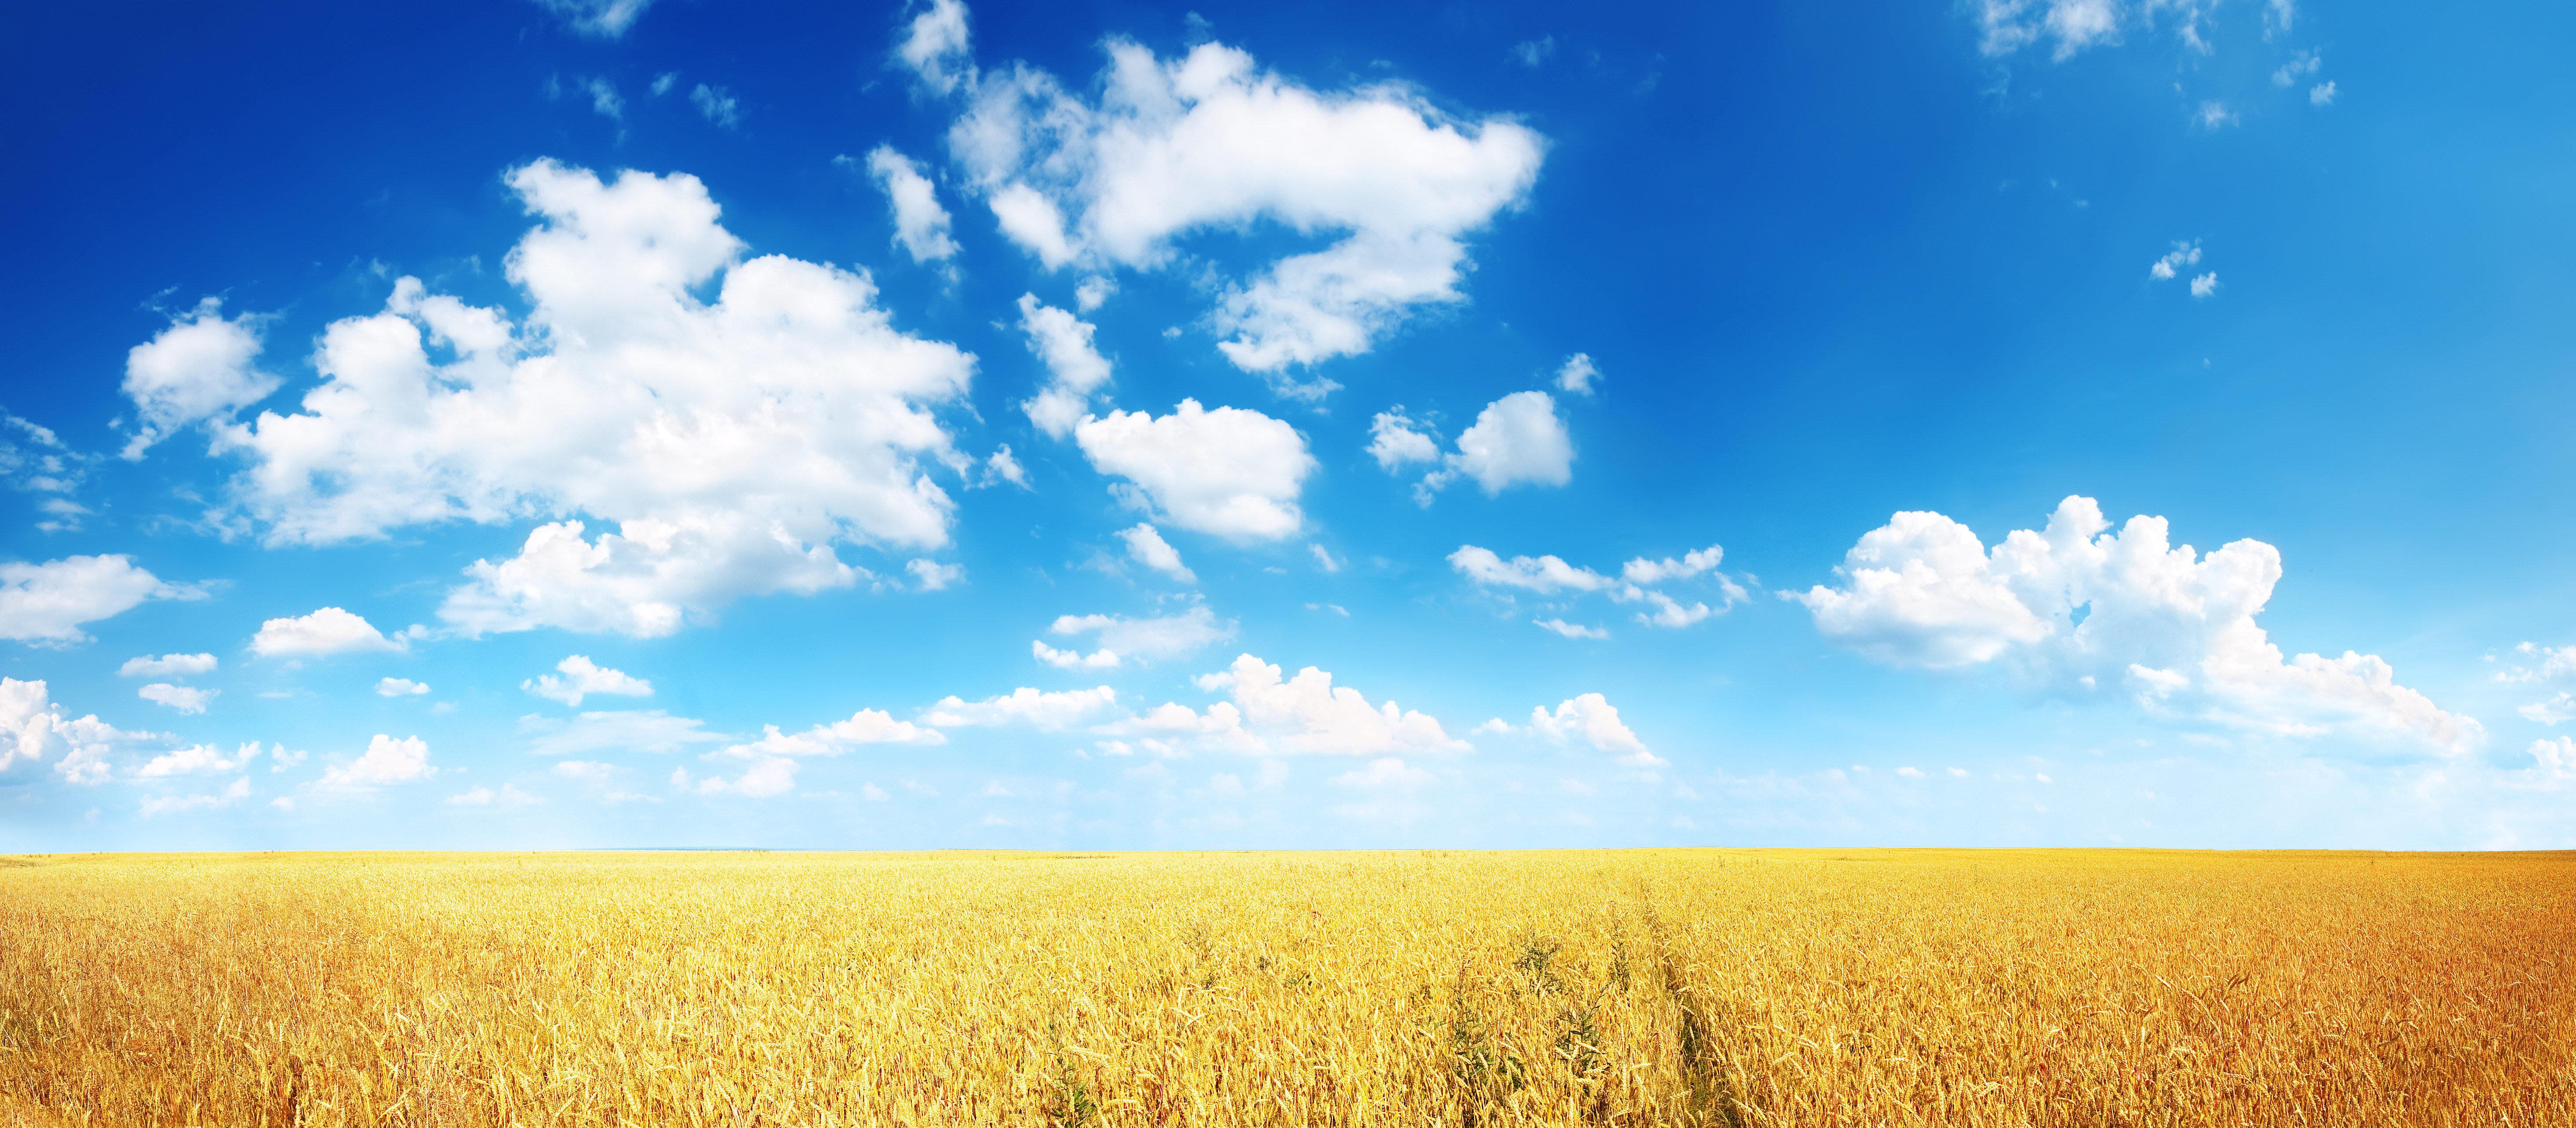 природа облака небо горизонт поле  № 204289 бесплатно